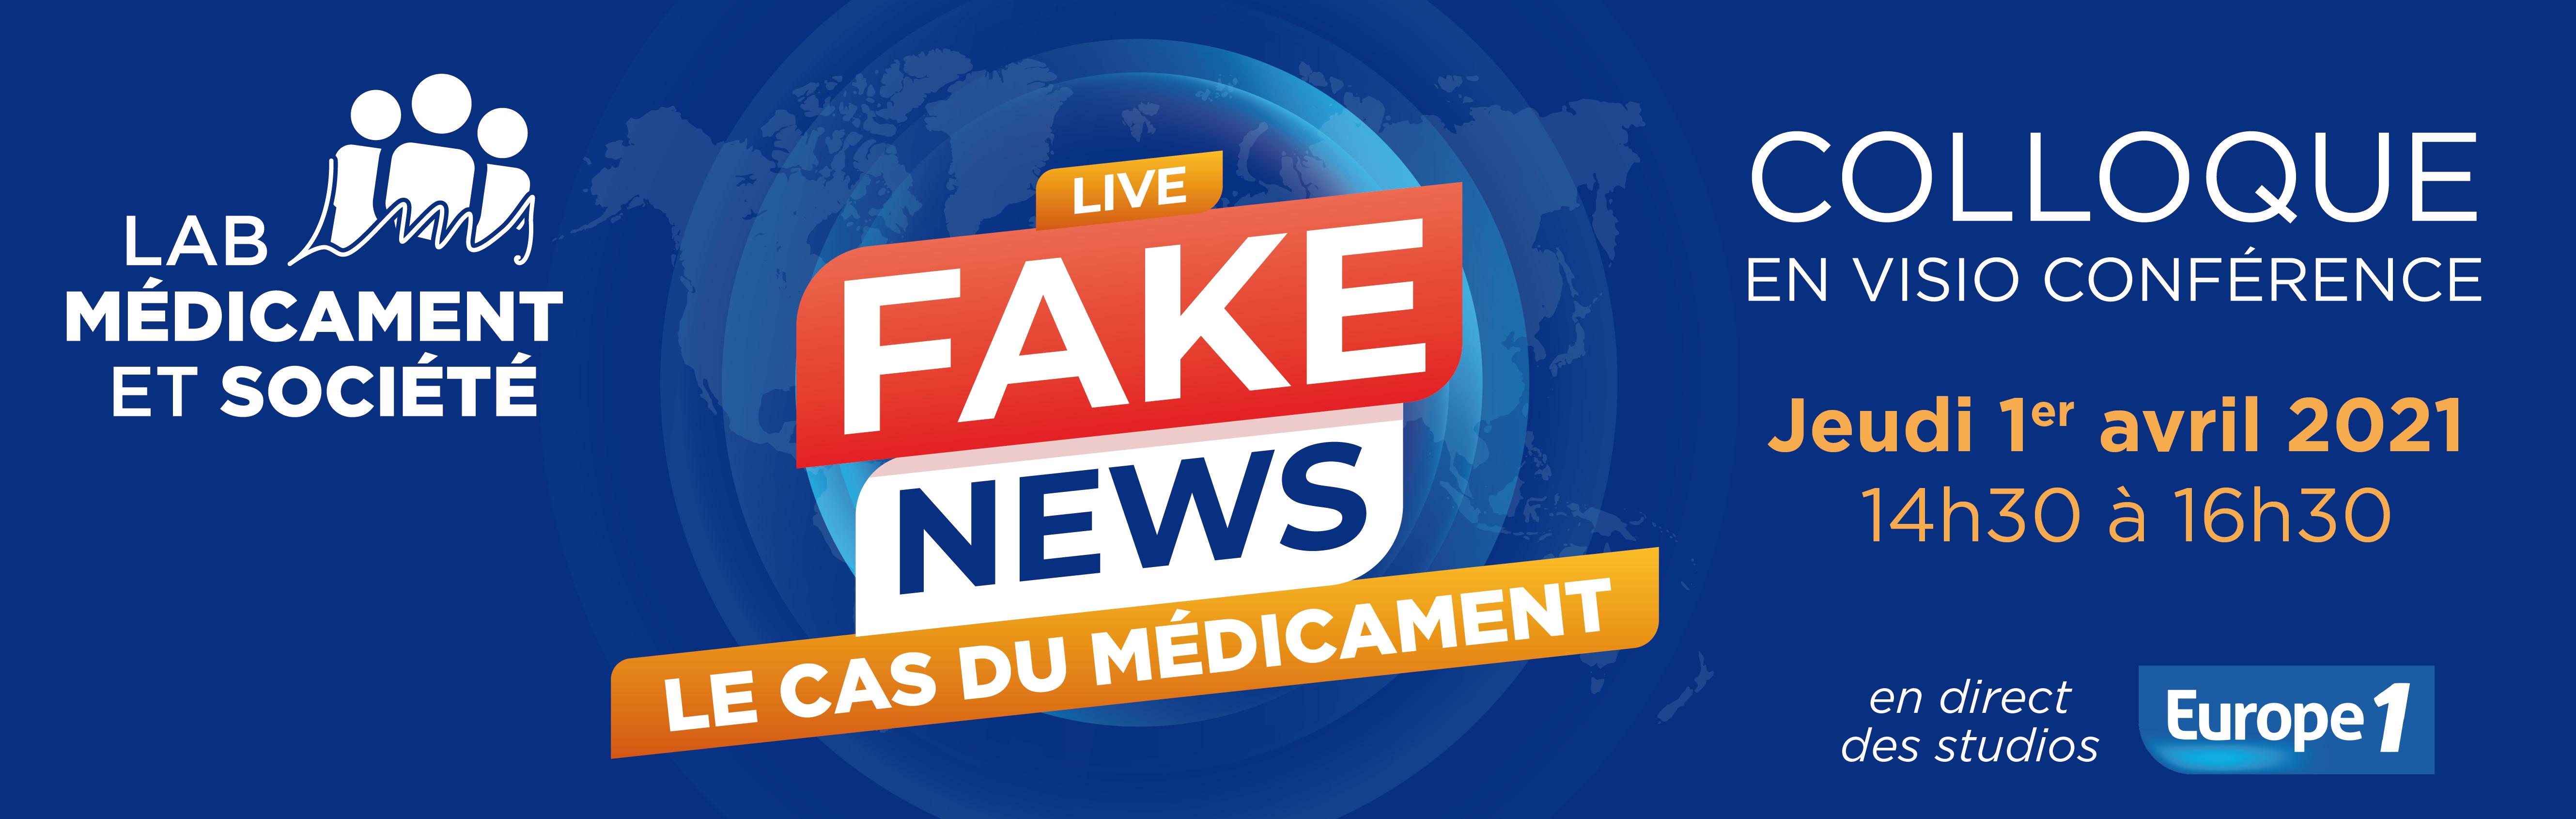 Les Fake News nuisent gravement à la santé